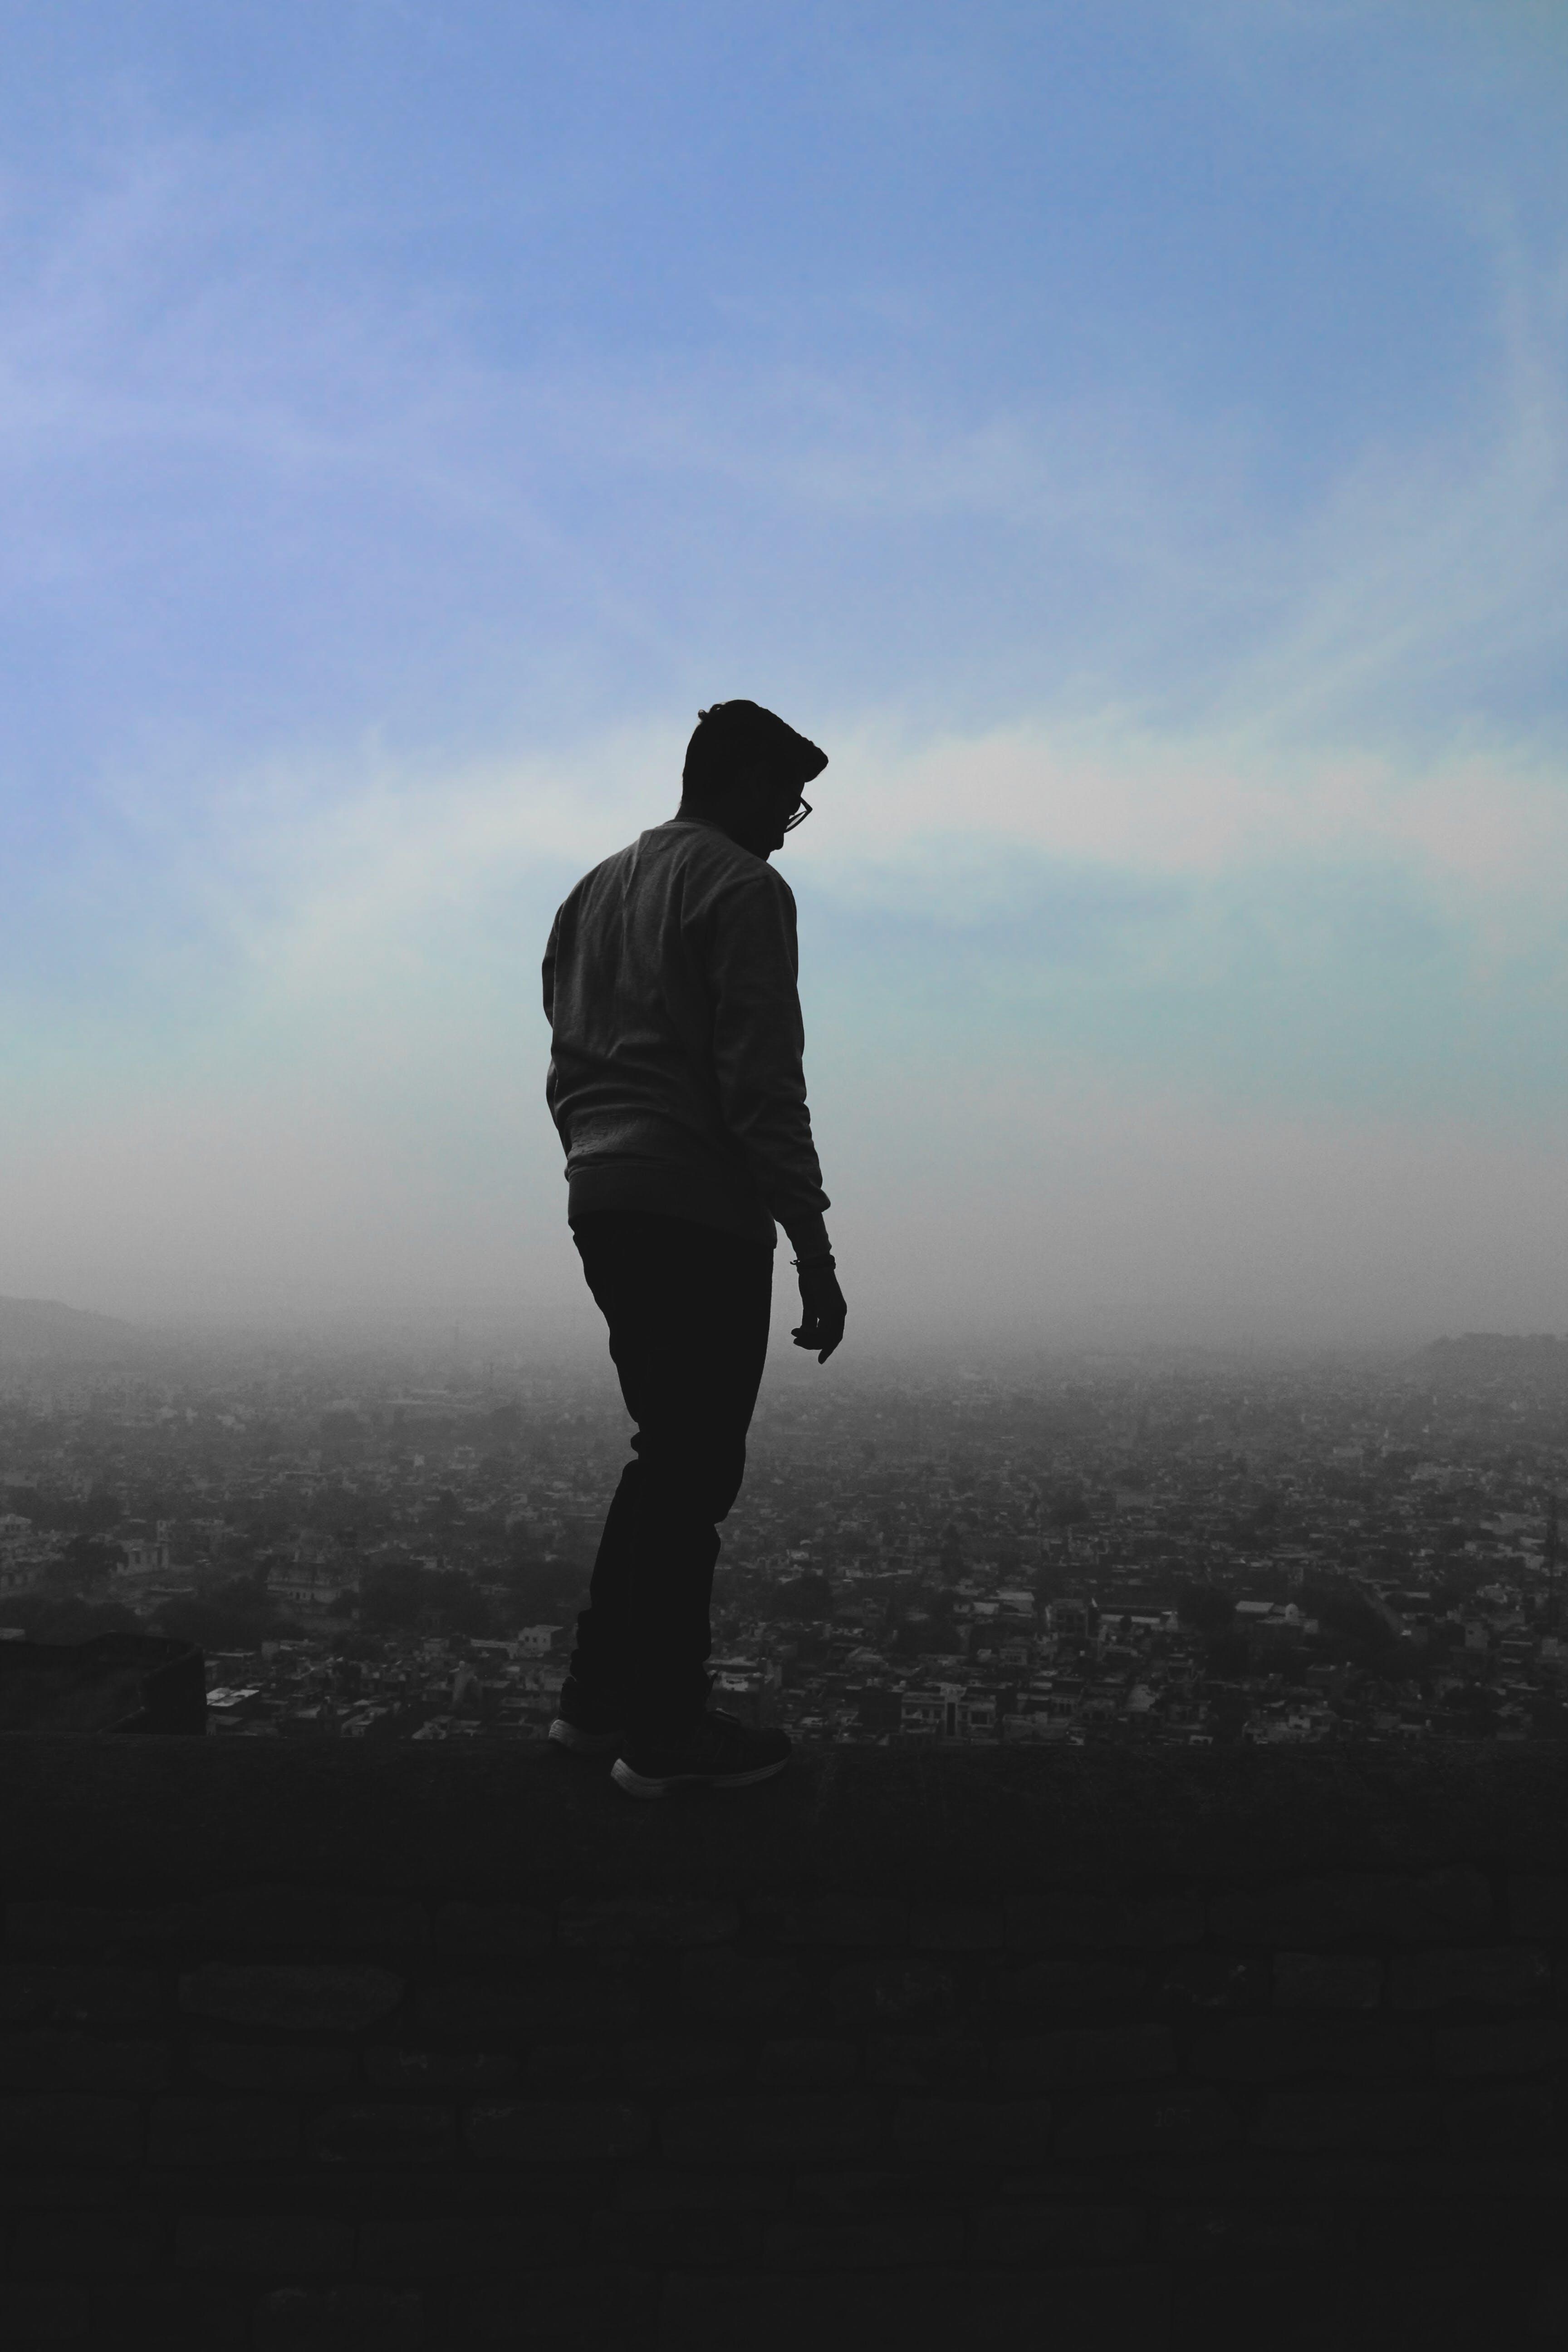 Δωρεάν στοκ φωτογραφιών με άνδρας, όρθιος, ουρανός, τείχος